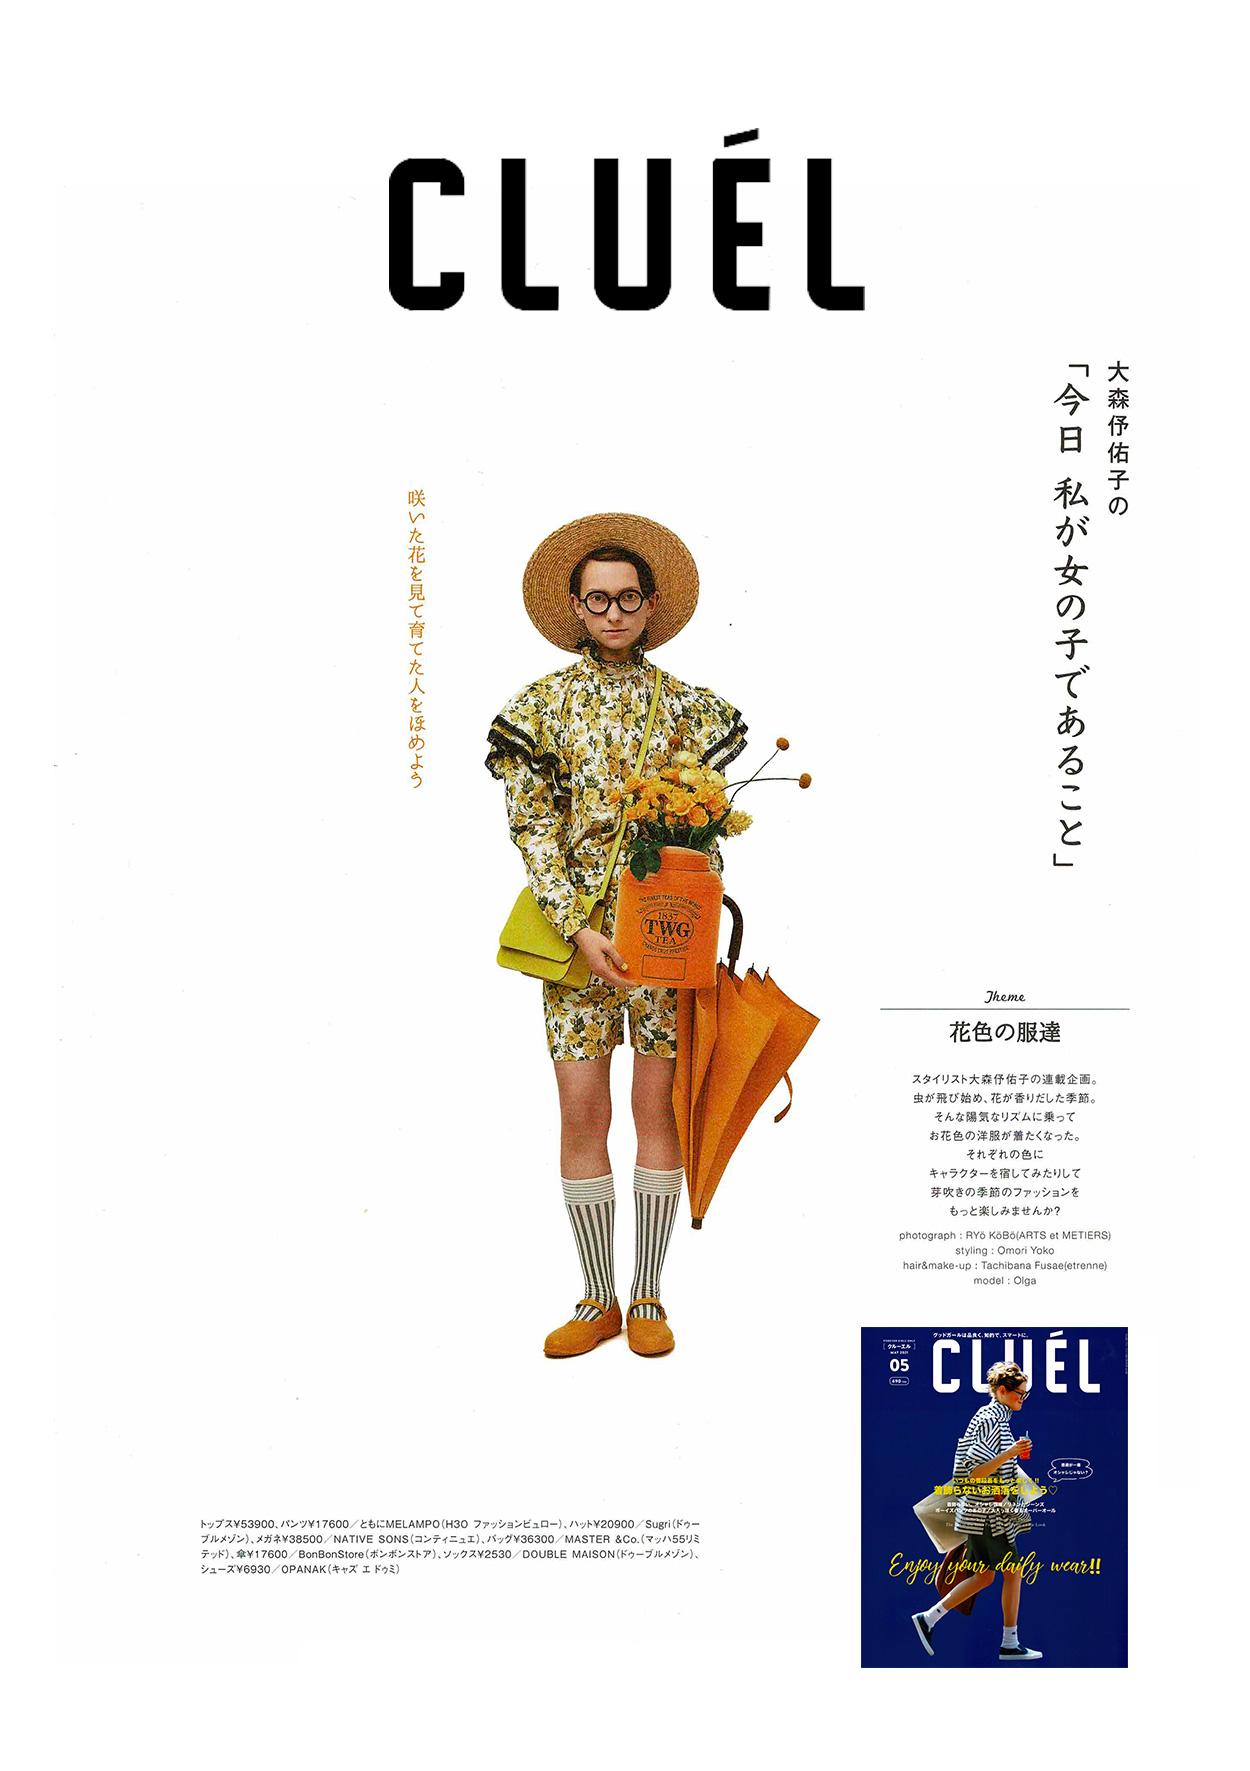 melampo press on cluél magazine